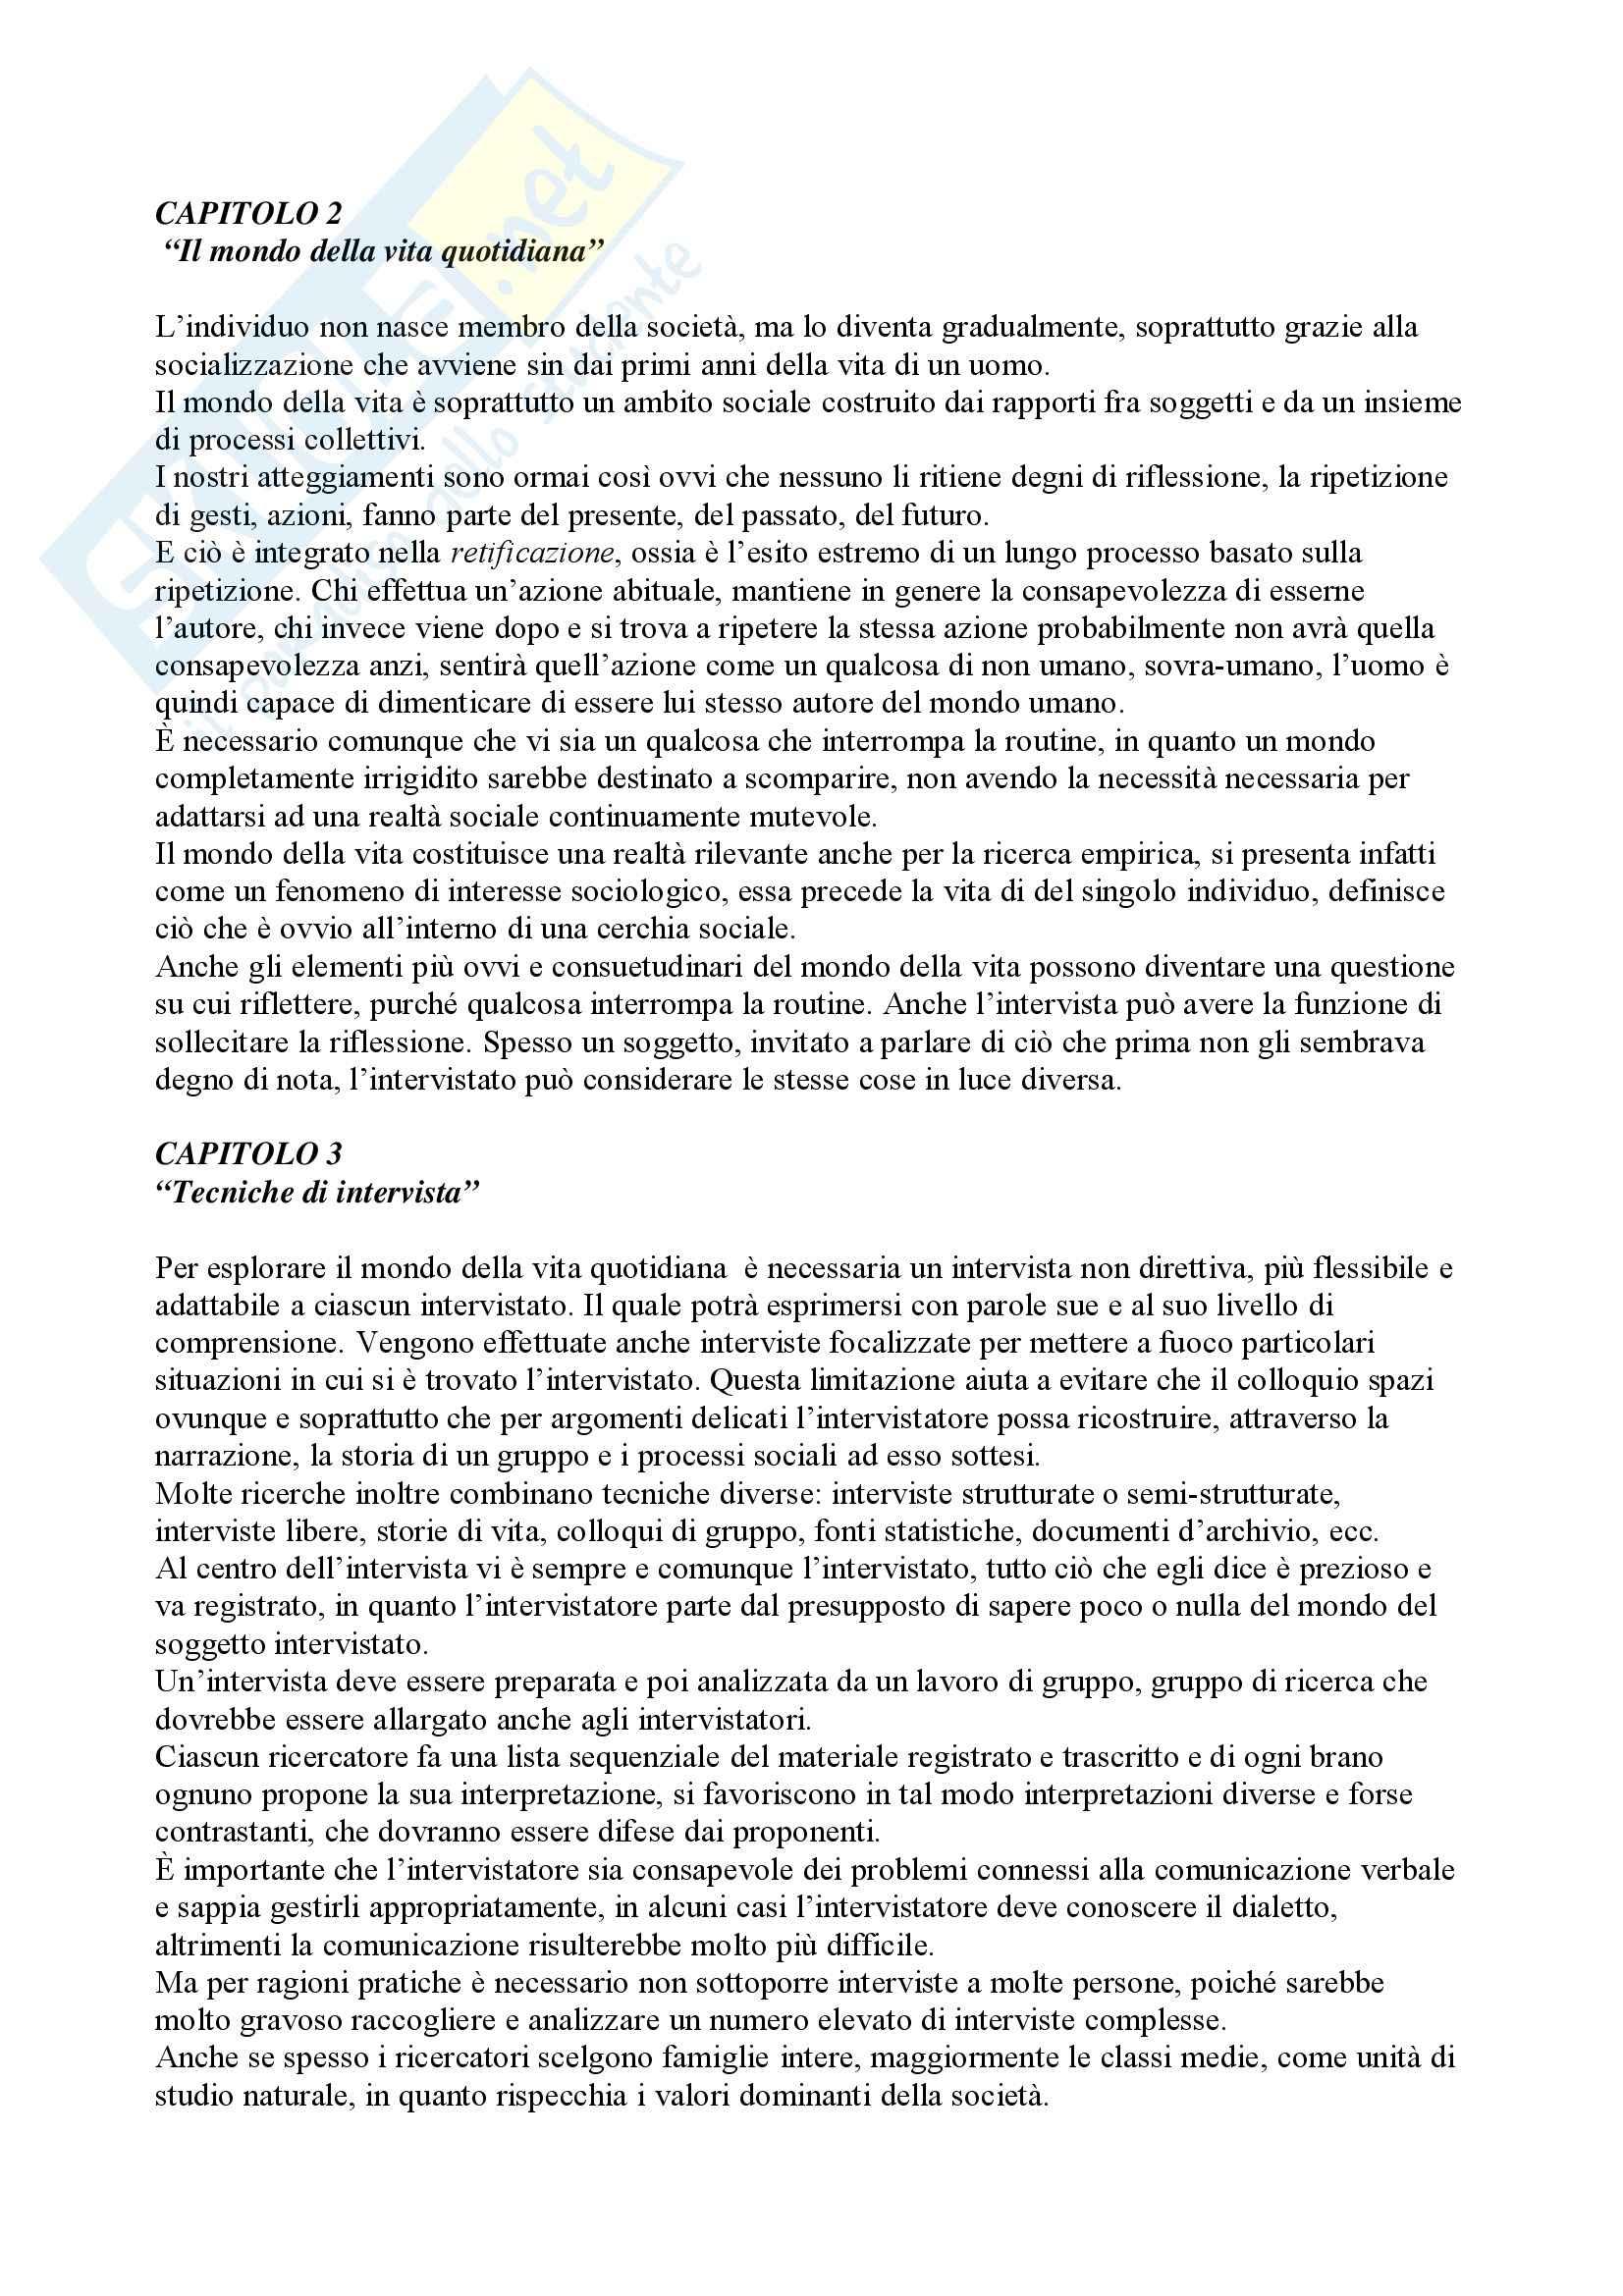 appunto P. Montesperelli Metodologia e tecnica della ricerca sociale